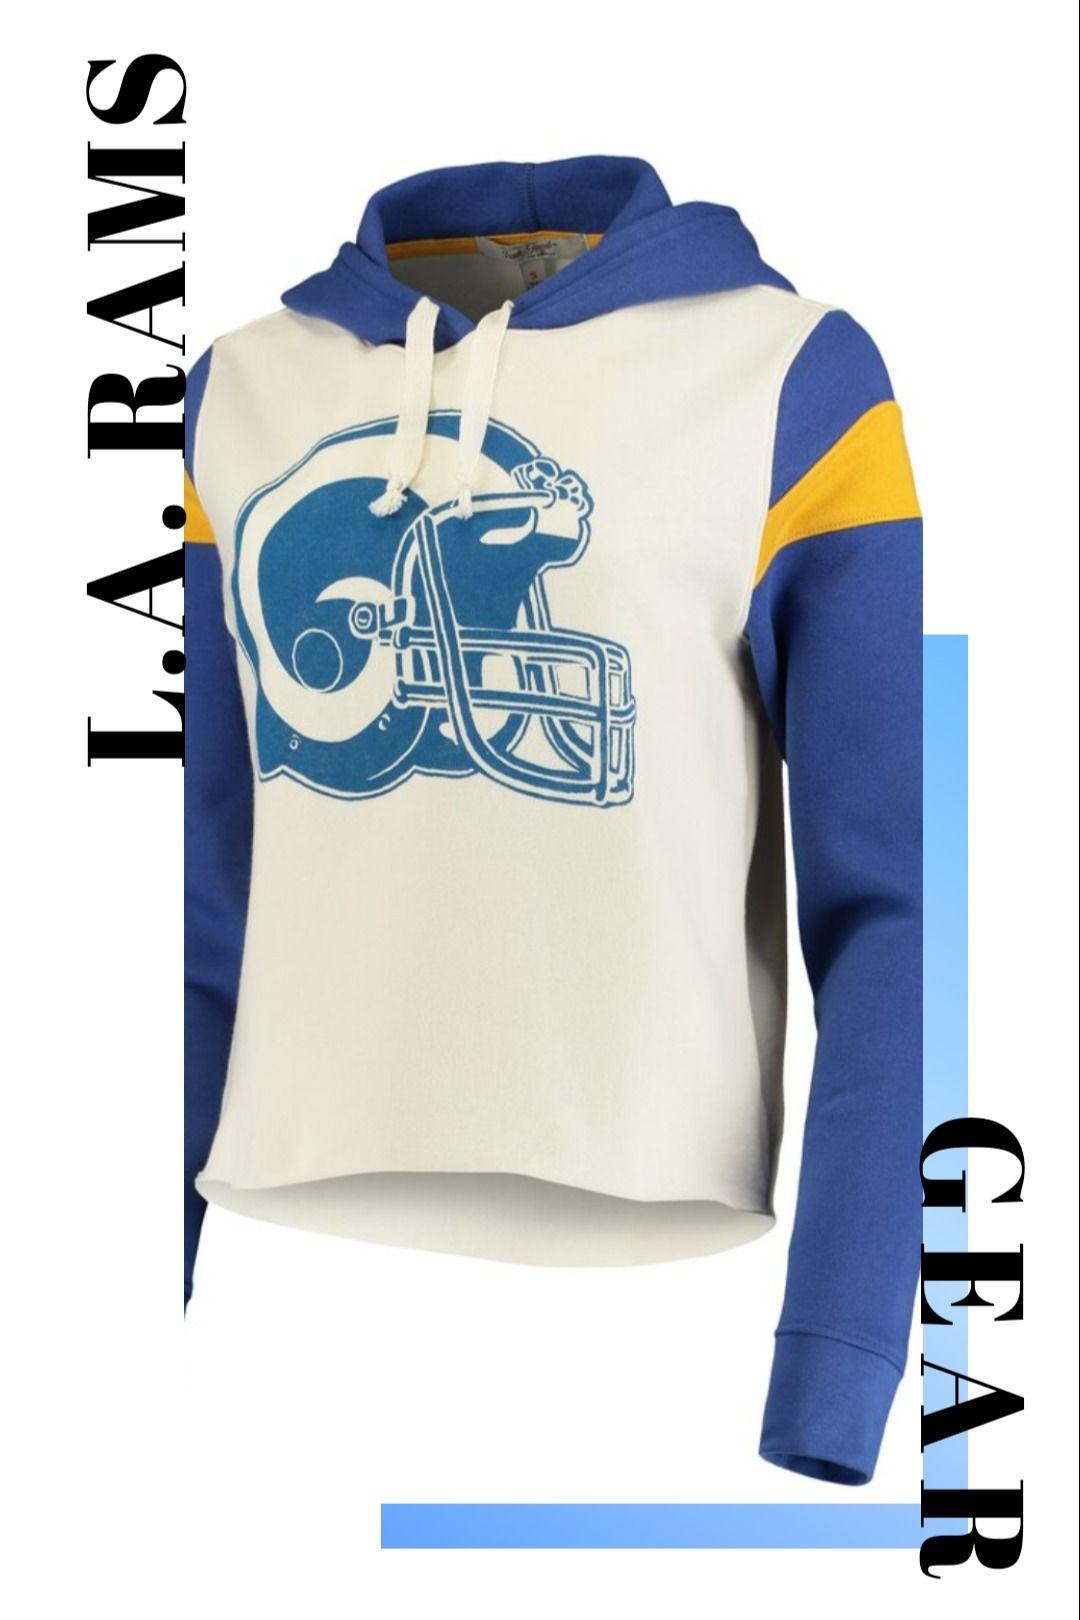 Los Angeles Rams Fans Los Angeles Rams Gear Sweatshirts Dooney Bourke